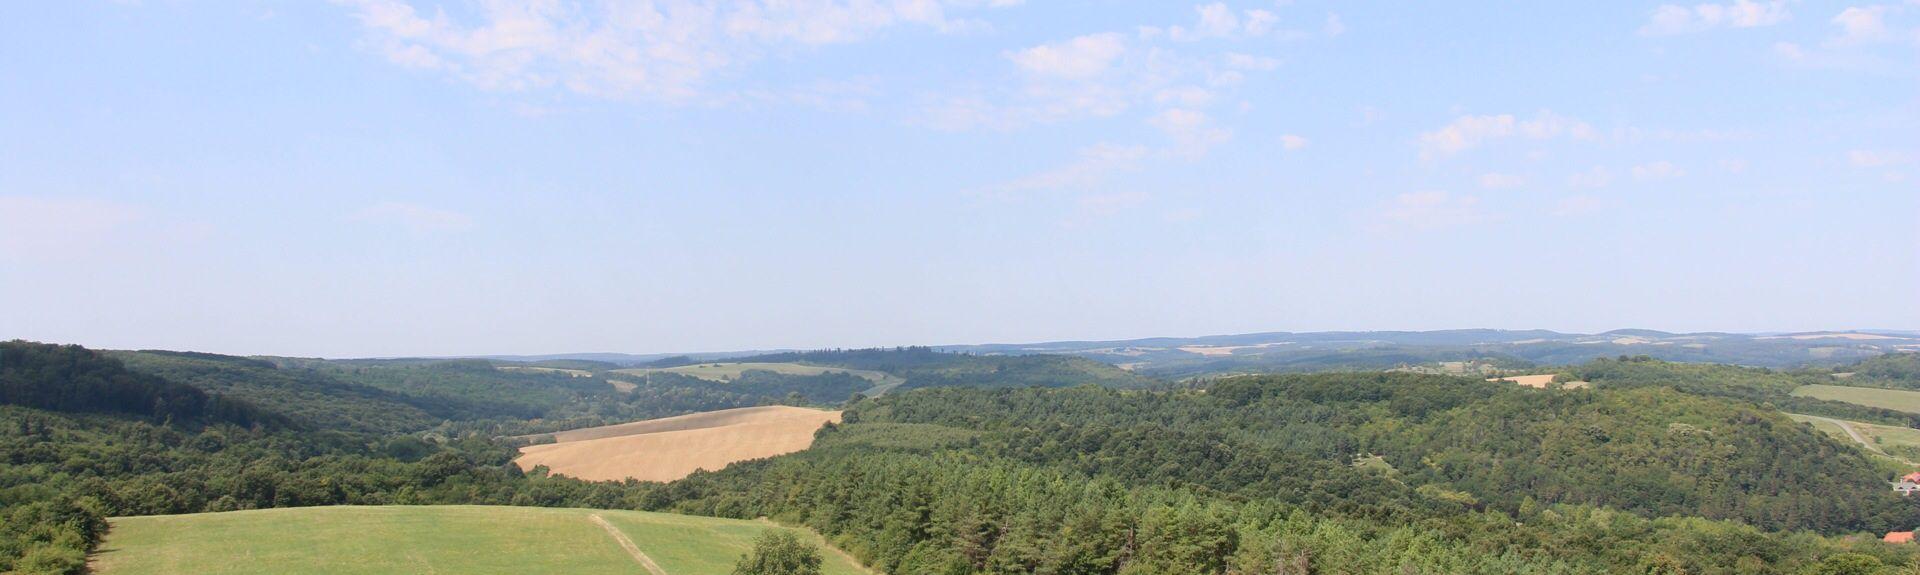 Baranya, Hungria